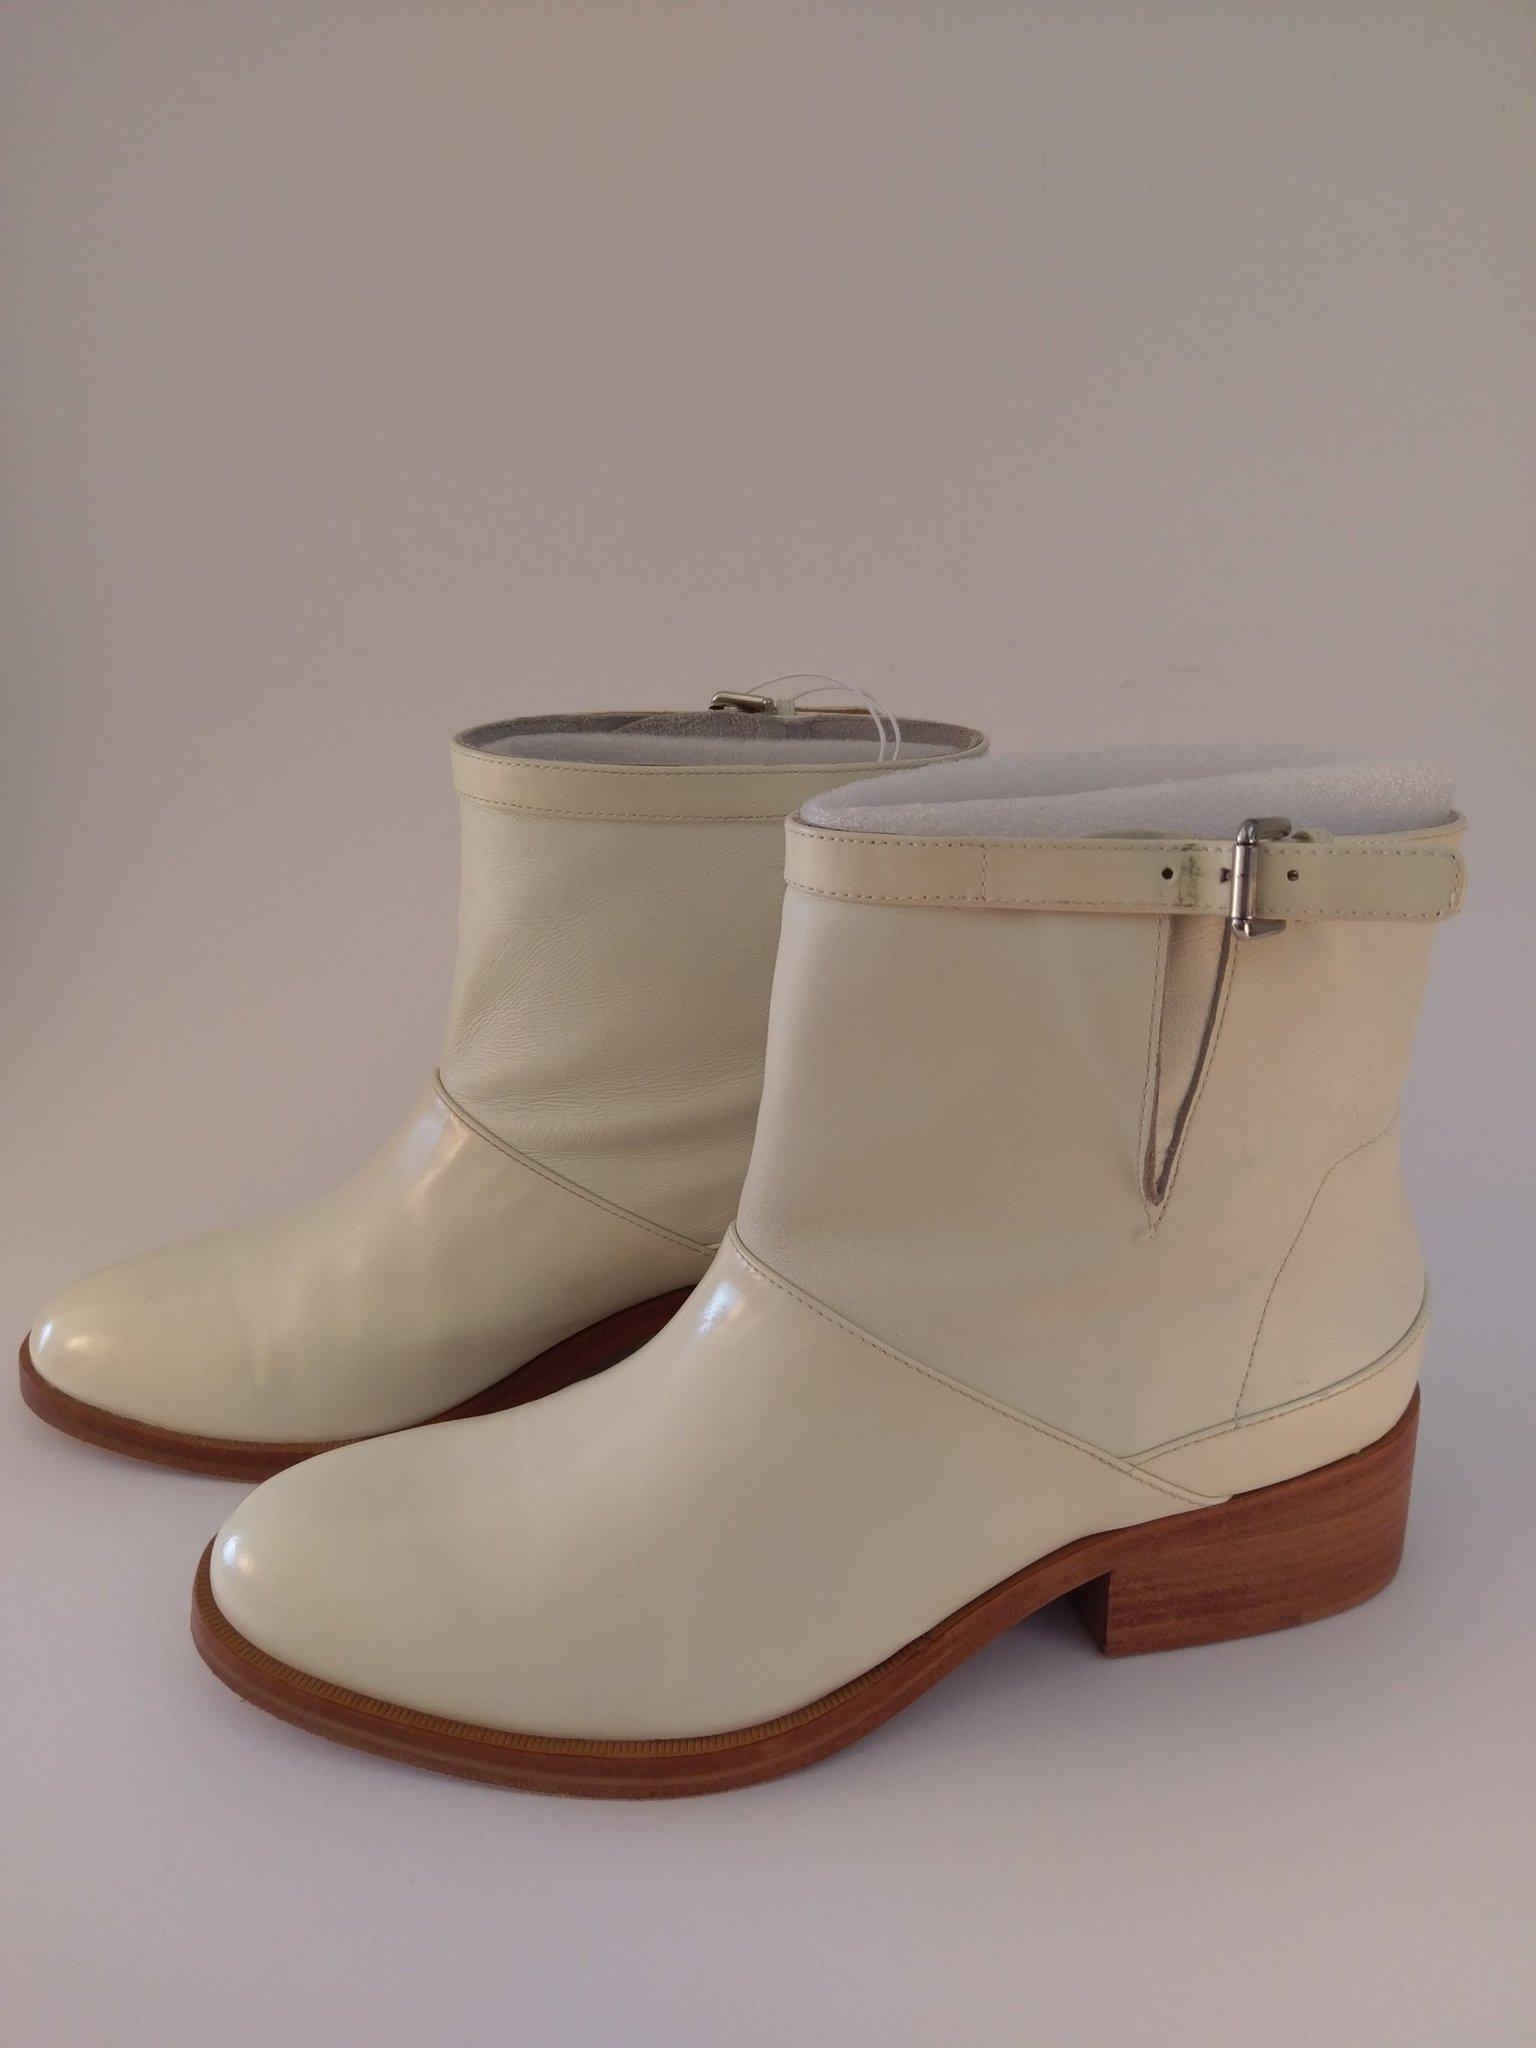 Vita stövletter i patent och vanligt läder, Phi.. (350288911